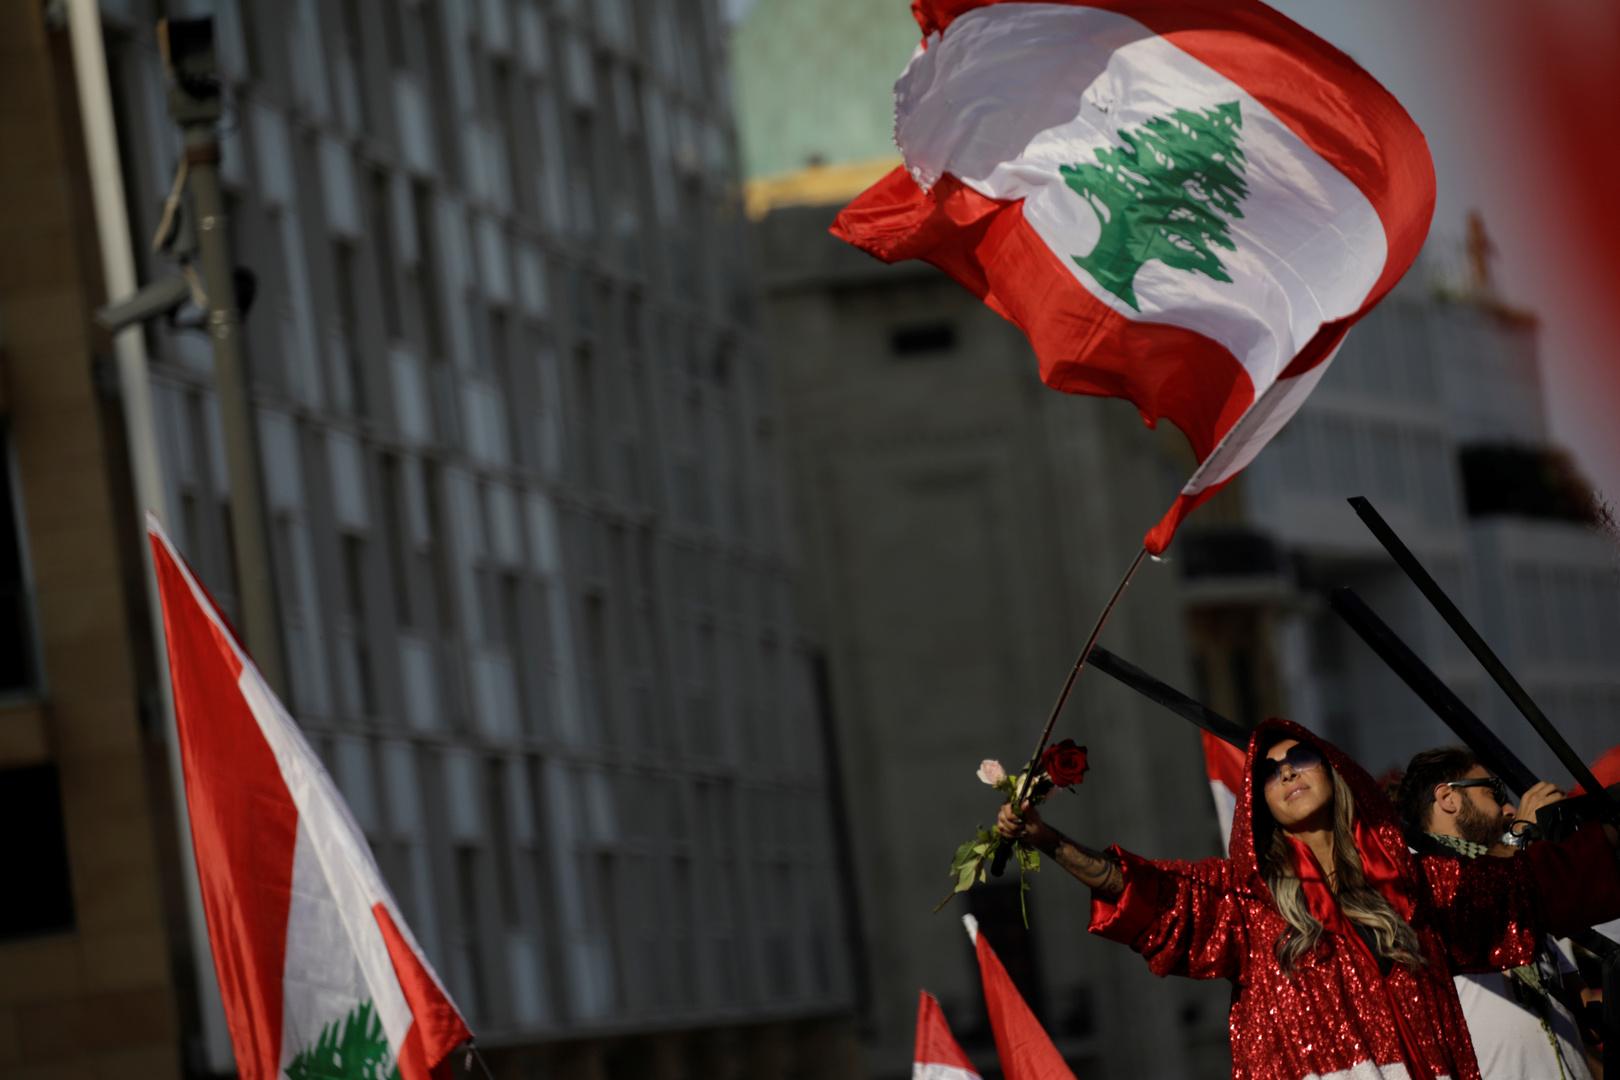 الأمم المتحدة: إبقاء لبنان بدون حكومة عمل غير مسؤول في ضوء الوضع في المنطقة